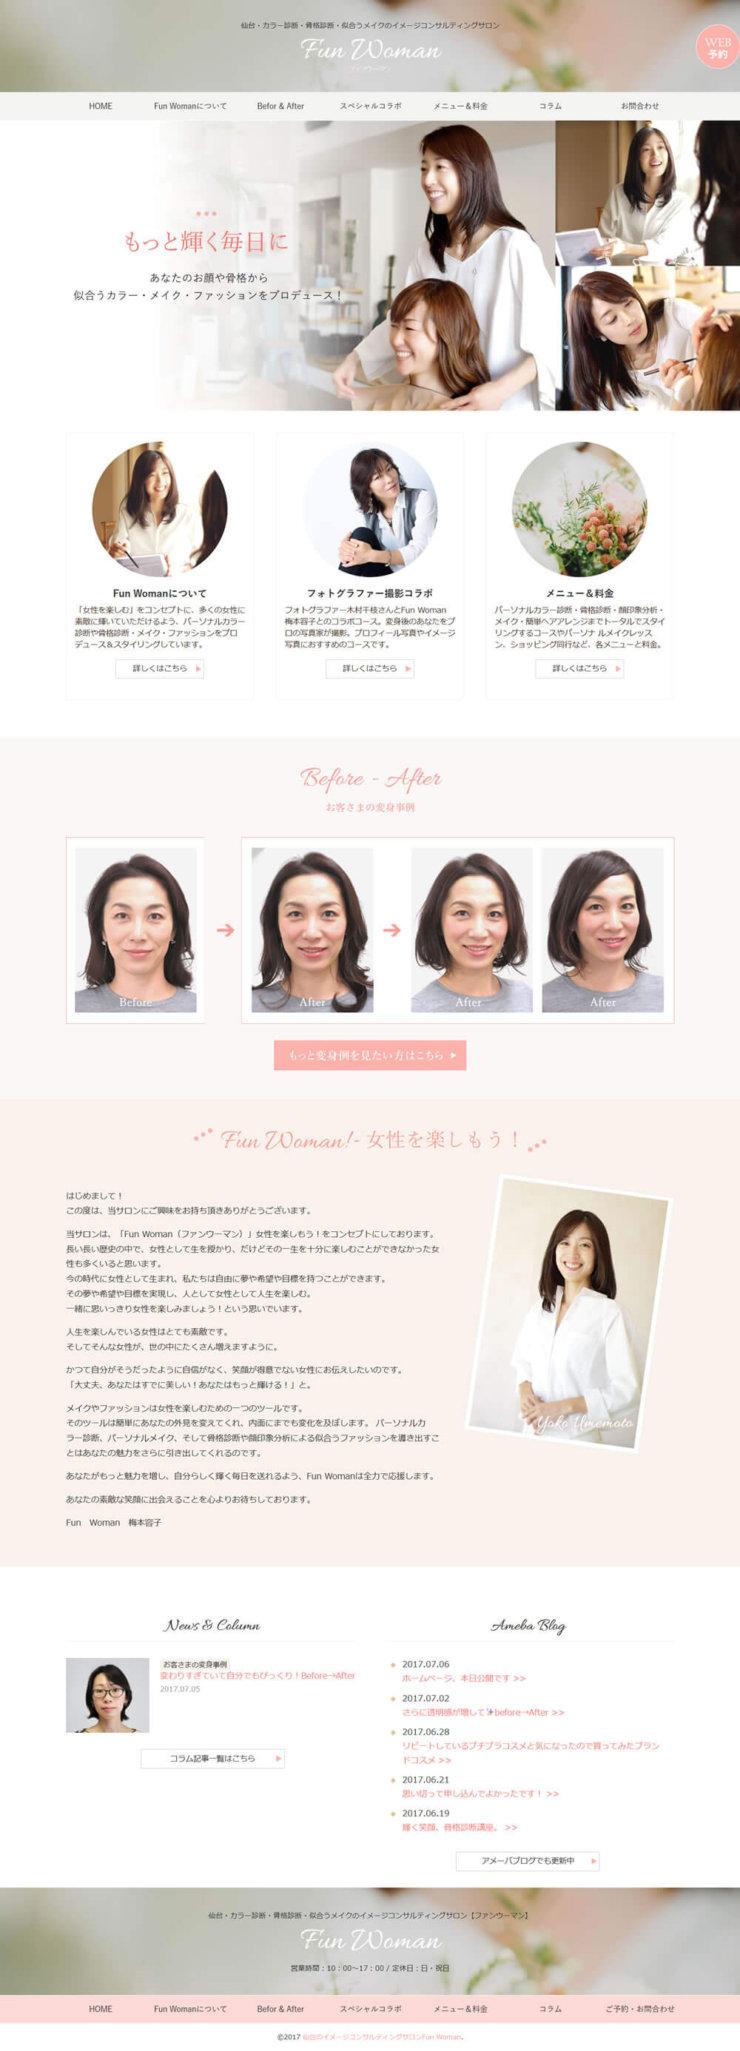 仙台のイメージコンサルティングサロン・Fun woman